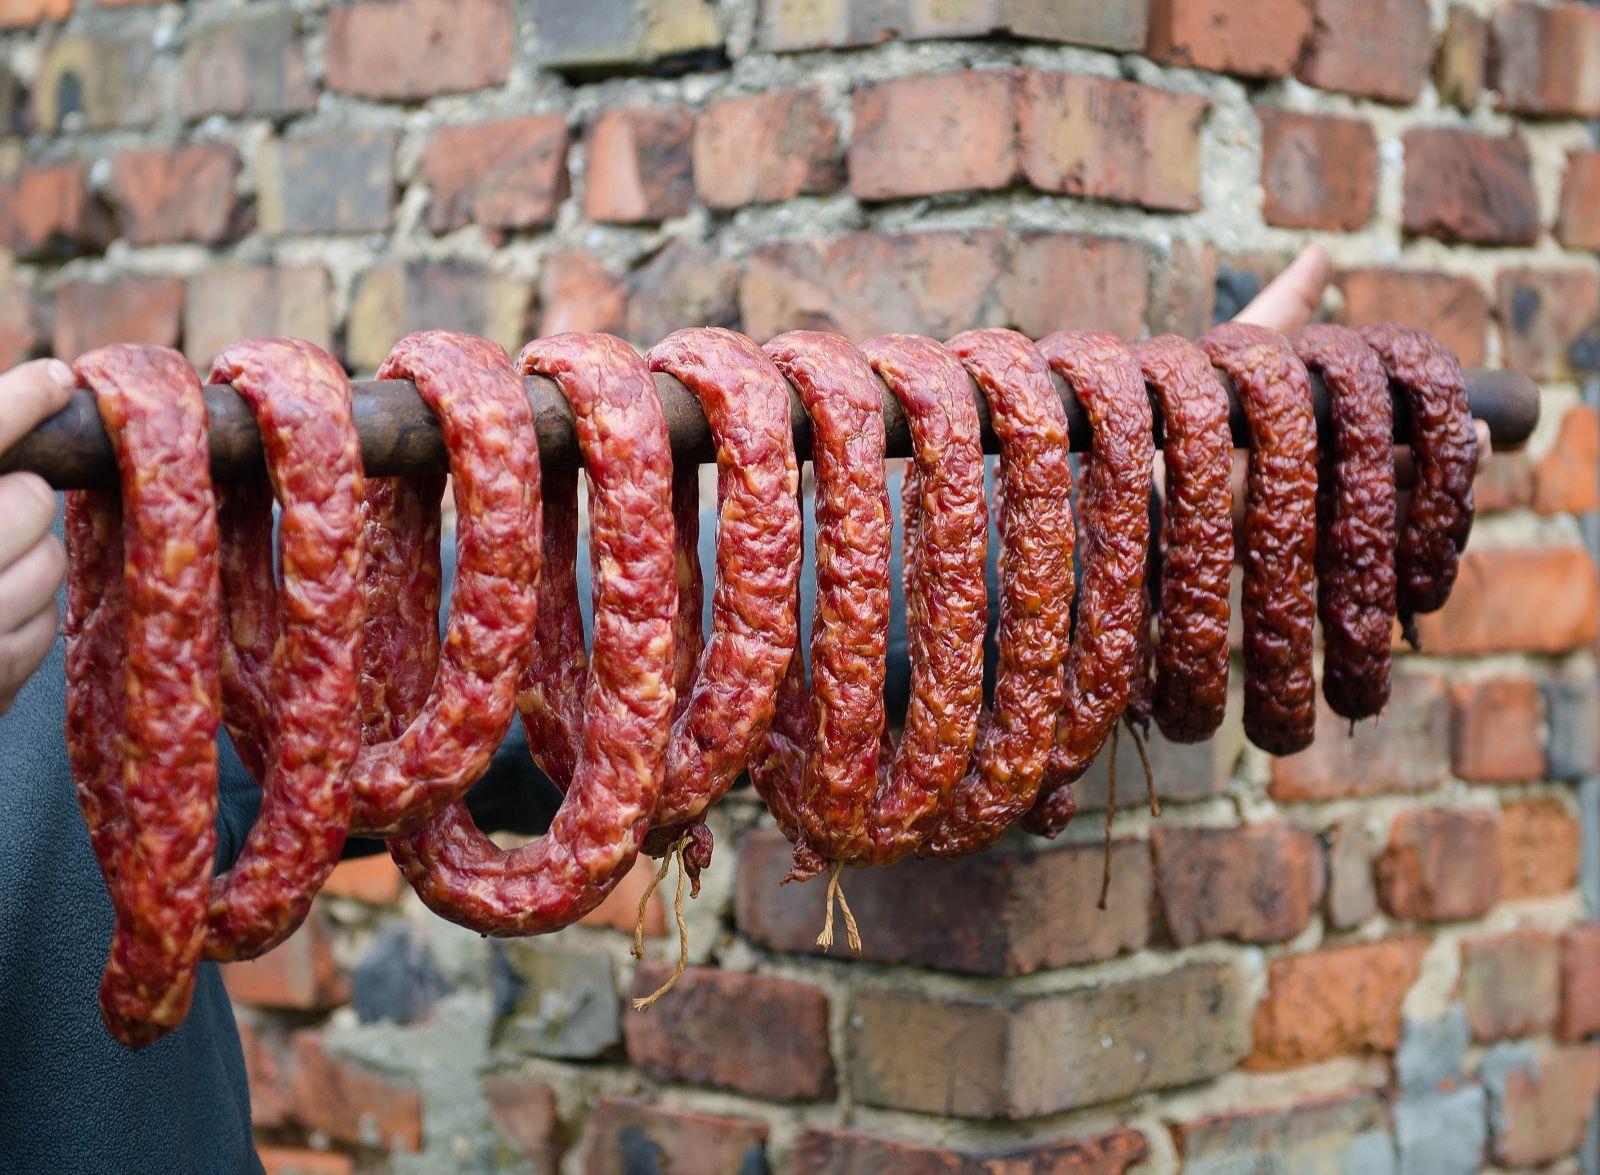 swojska kiełbasa domowa kiełbasa, wyroby wędliny